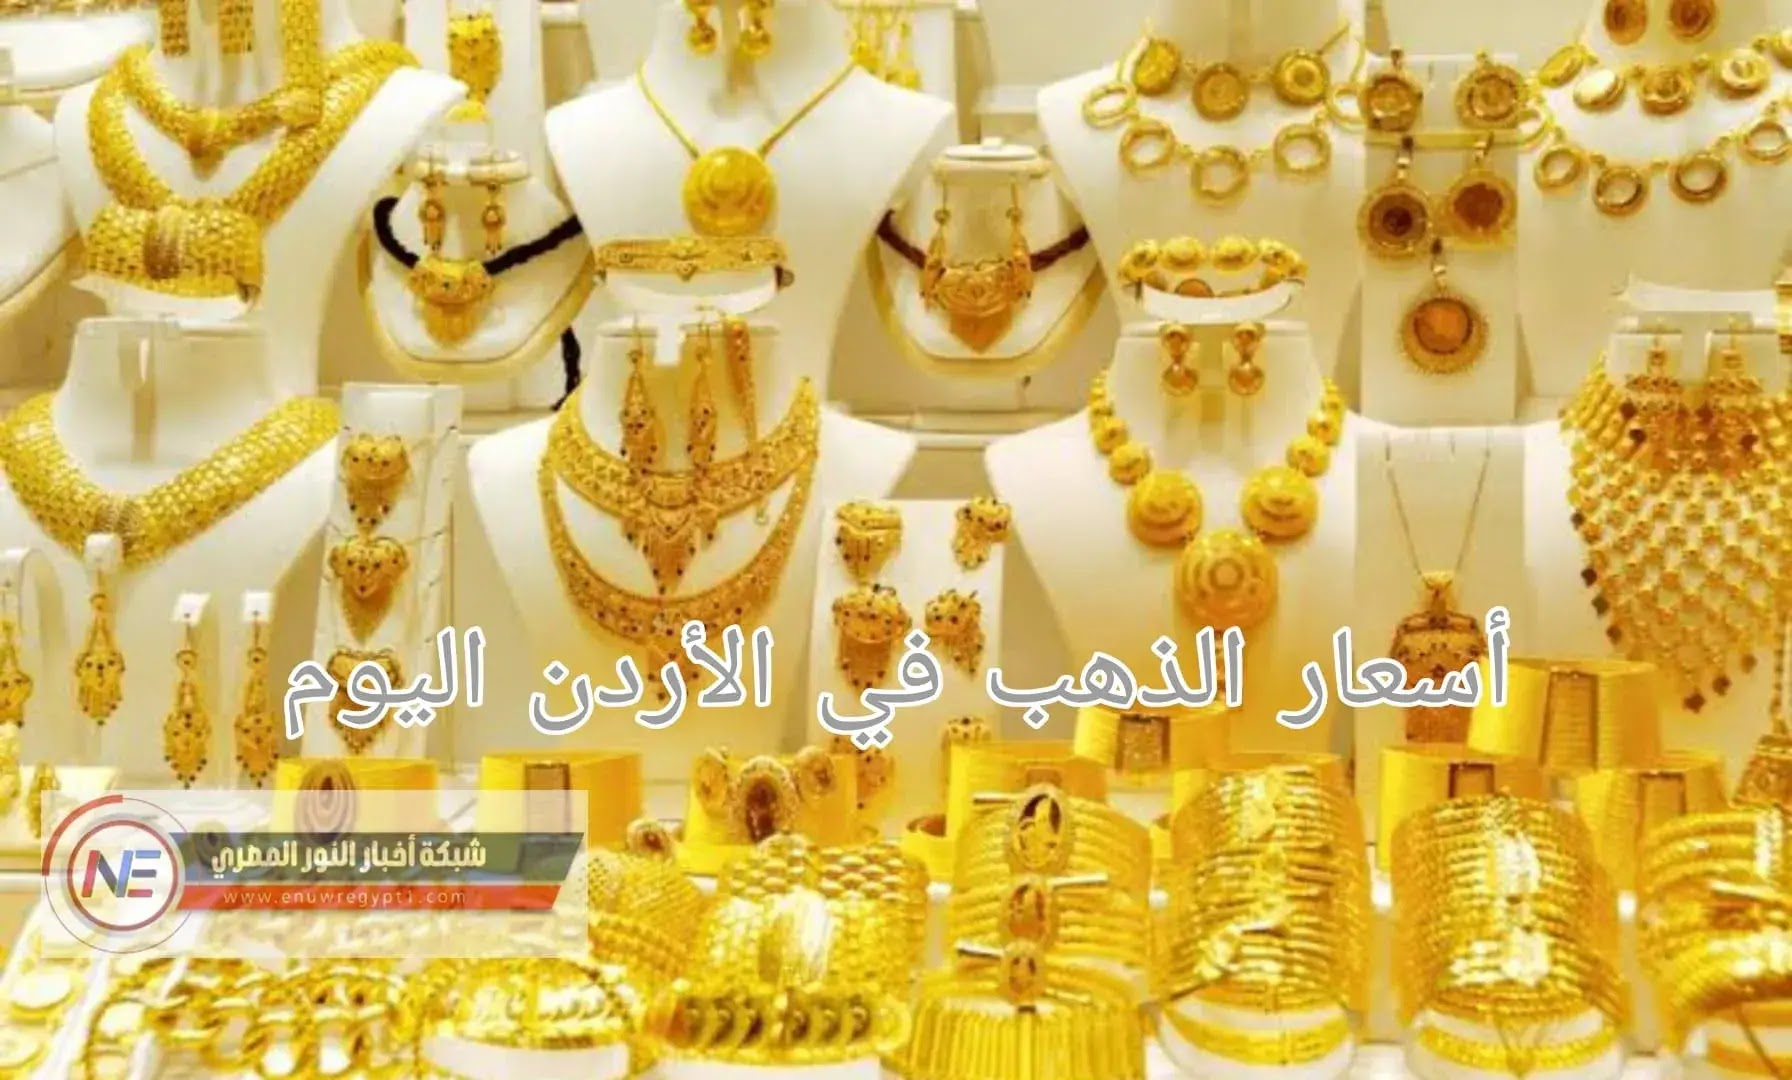 اسعار الذهب اليوم الاثنين 08-03-2021 في الاردن في السوق المحلي | سعر جرام الذهب اليوم بالدينار والدولار الأمريكي